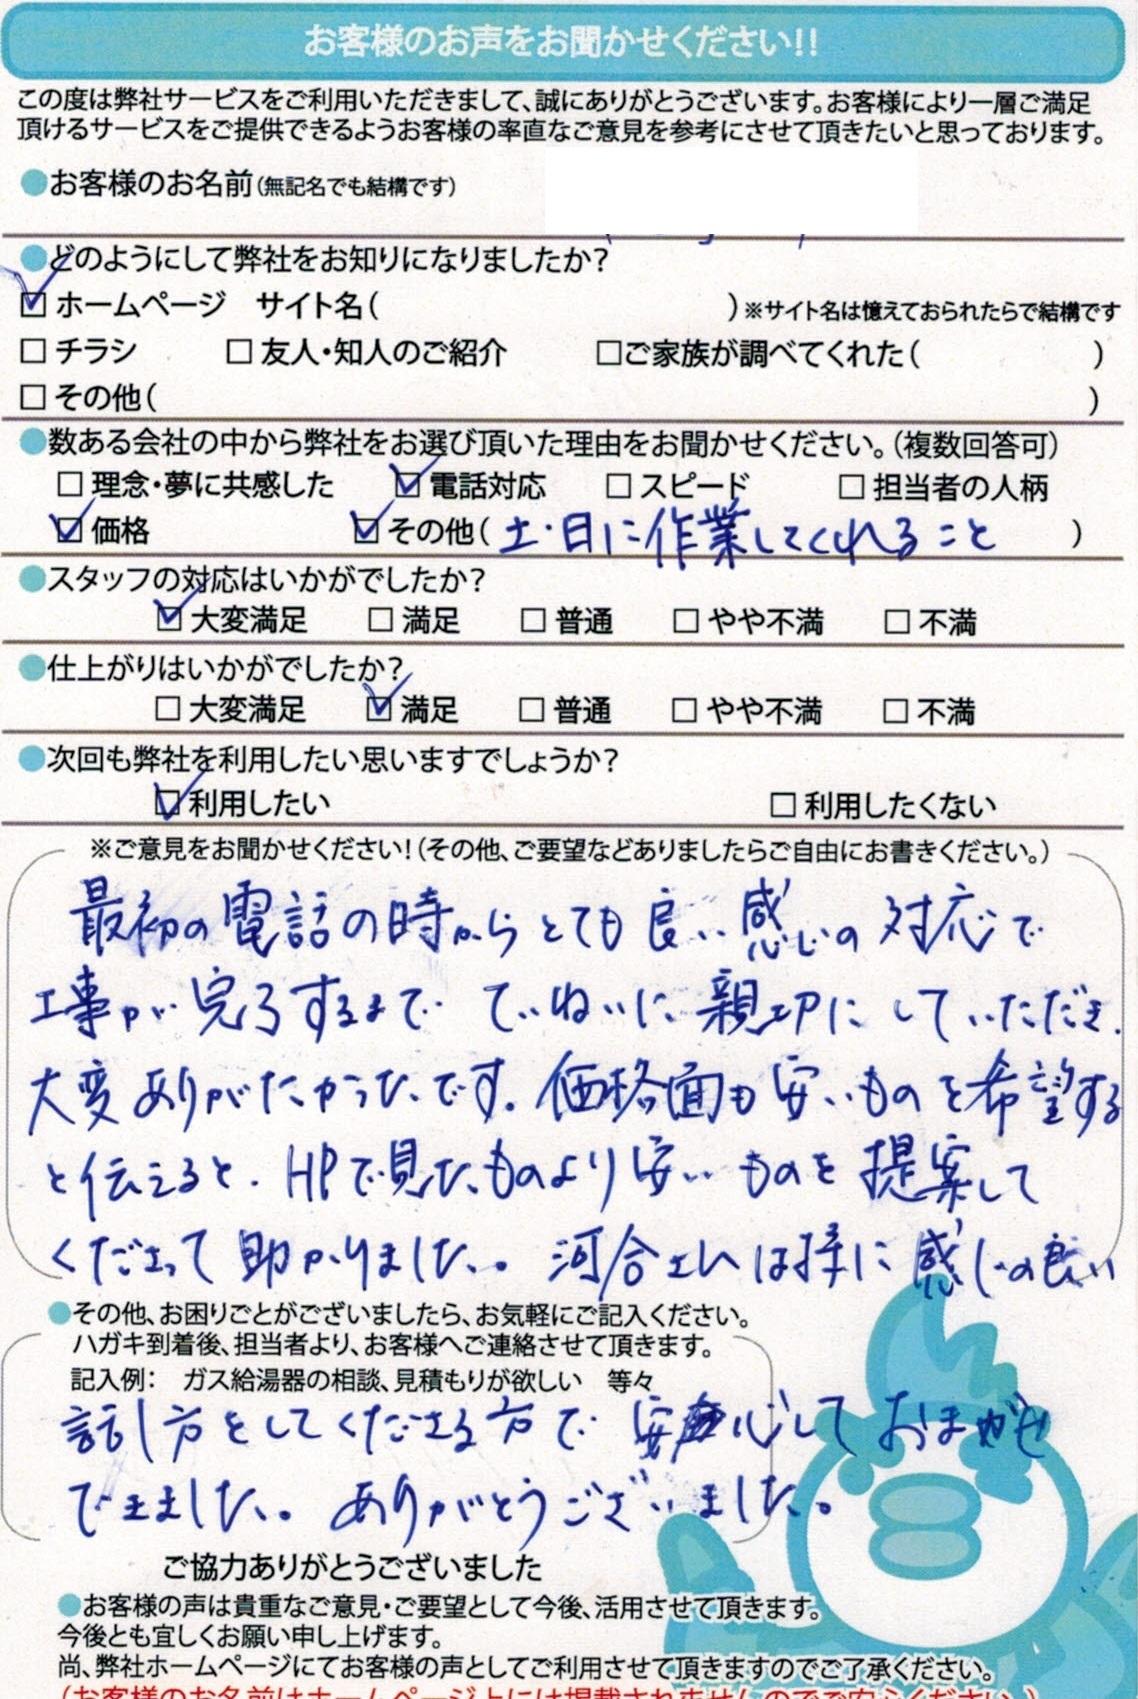 横浜市にて瞬間湯沸かし器交換工事ご依頼のお客様より